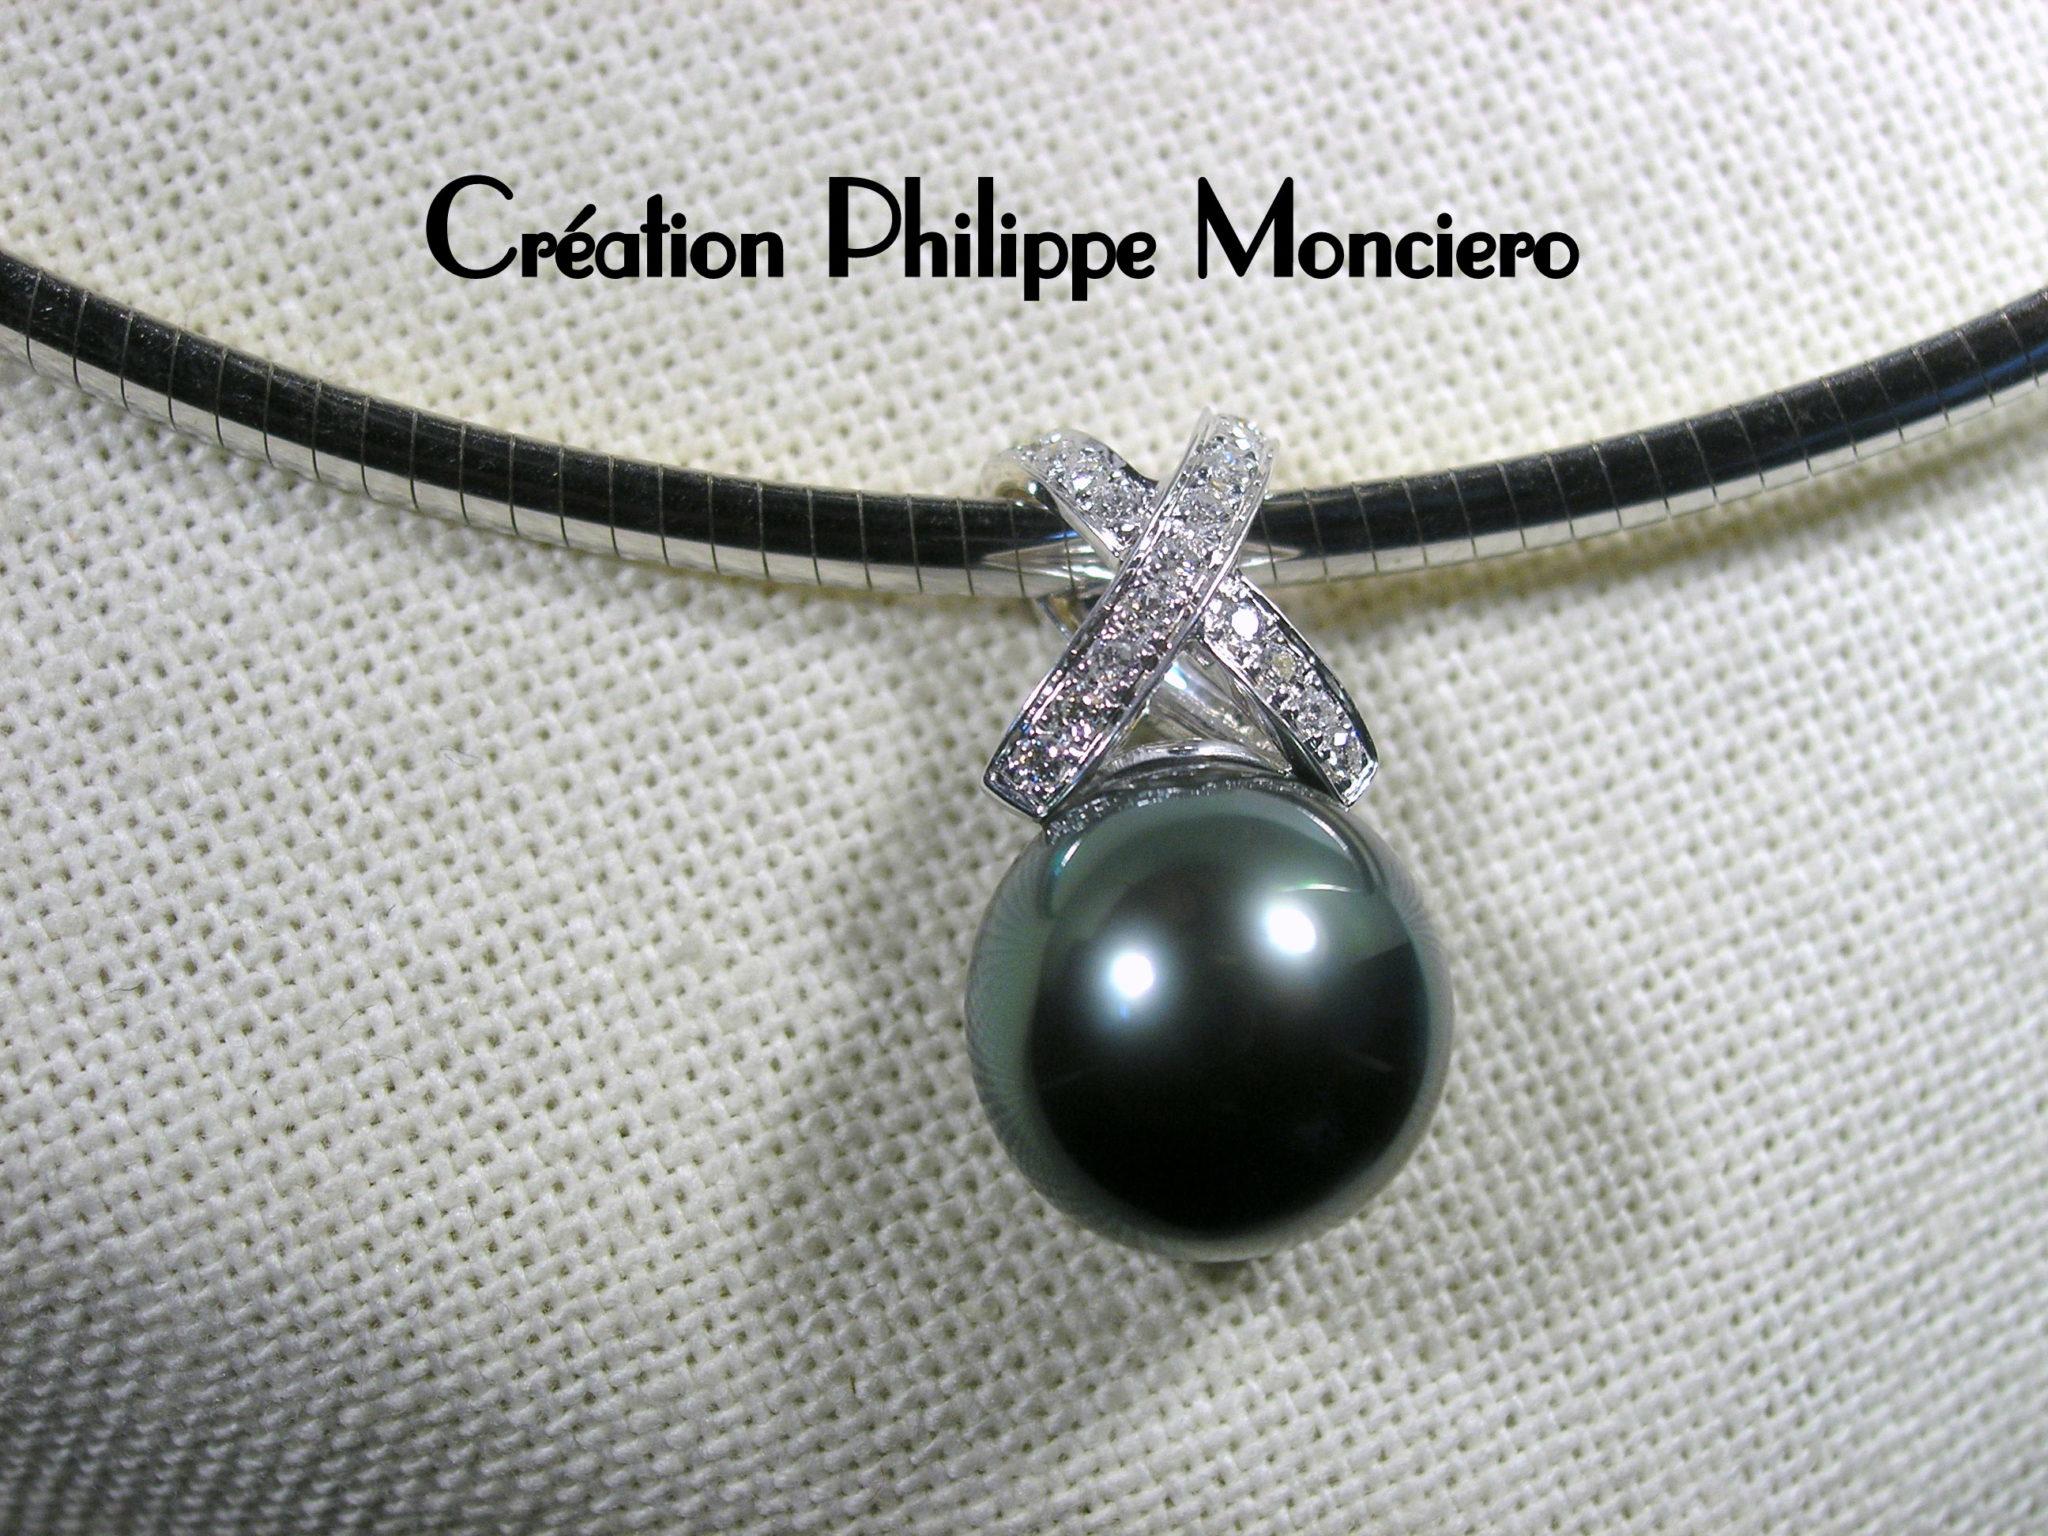 Pendentif perle de Tahiti et diamants. Monciero - Nîmes